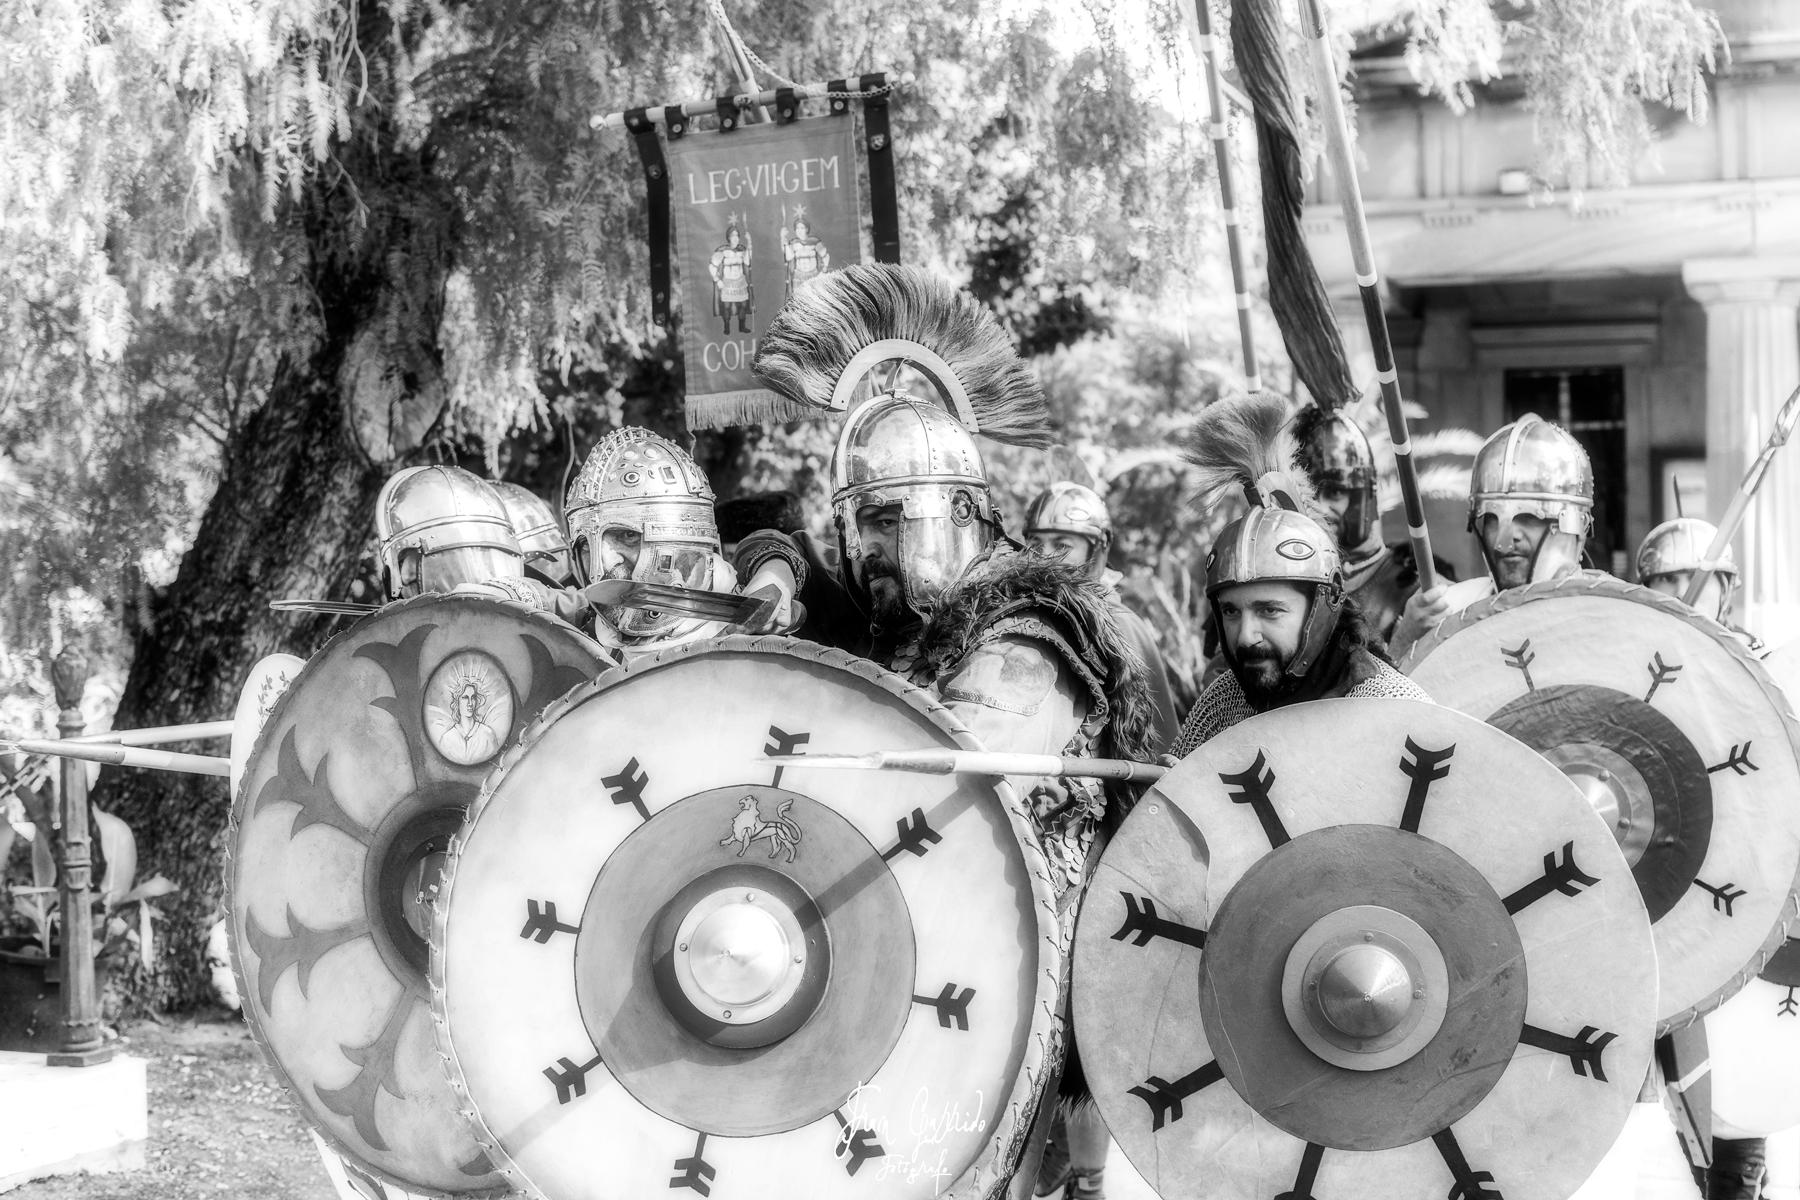 Recreación Histórica. Legio VII Gemina Felix Cohors V Baetica. Traditio Malacitana.